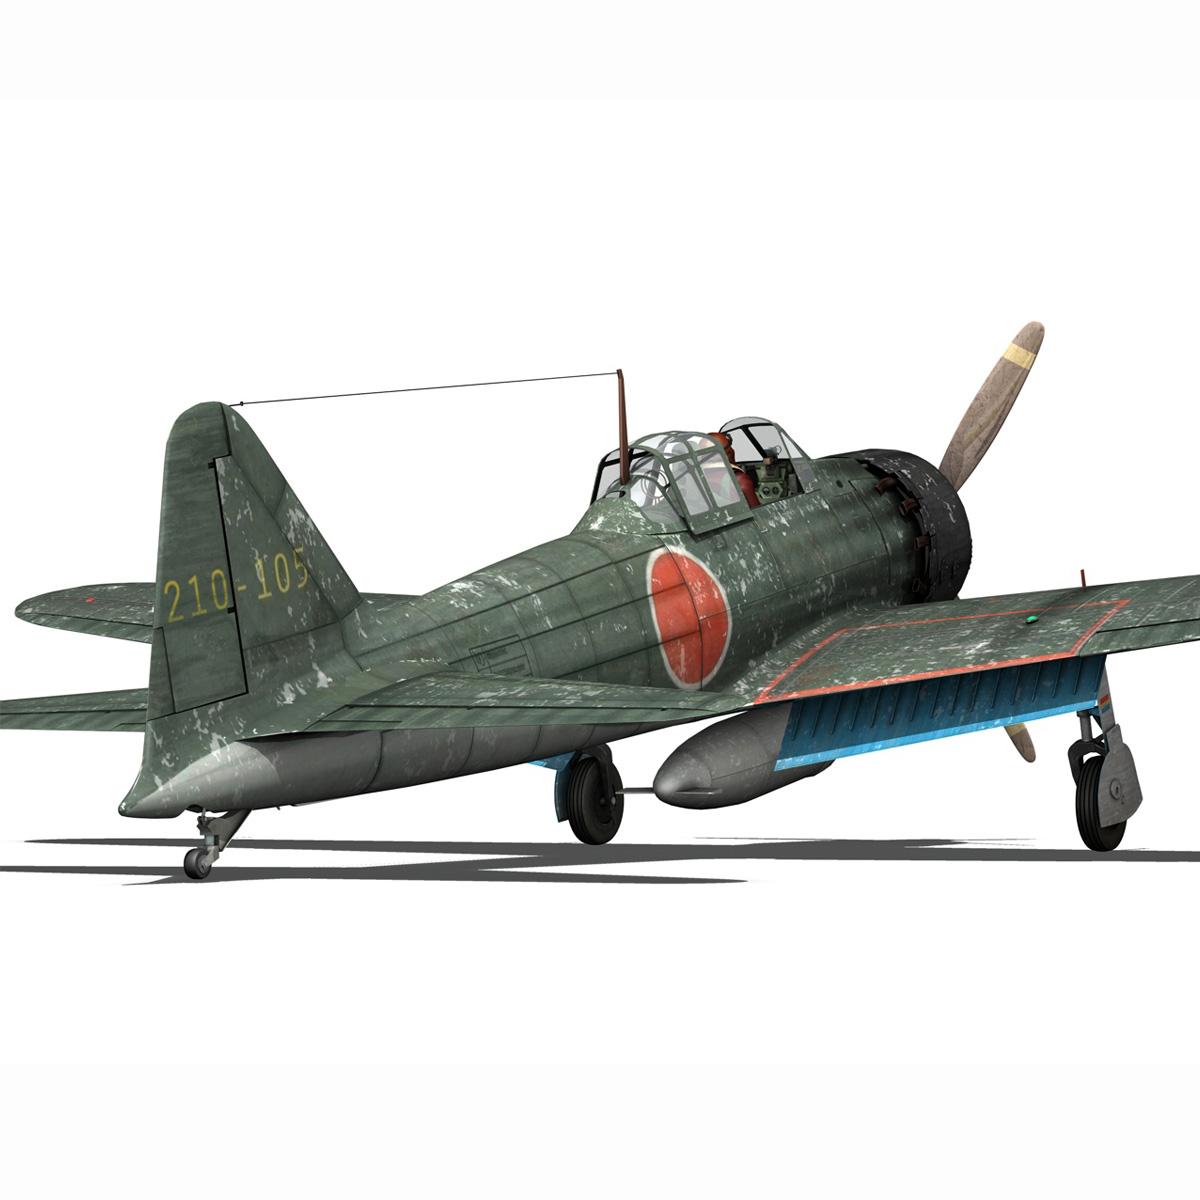 mitsubishi a6m5 zero 3d model 3ds fbx c4d lwo obj 189922